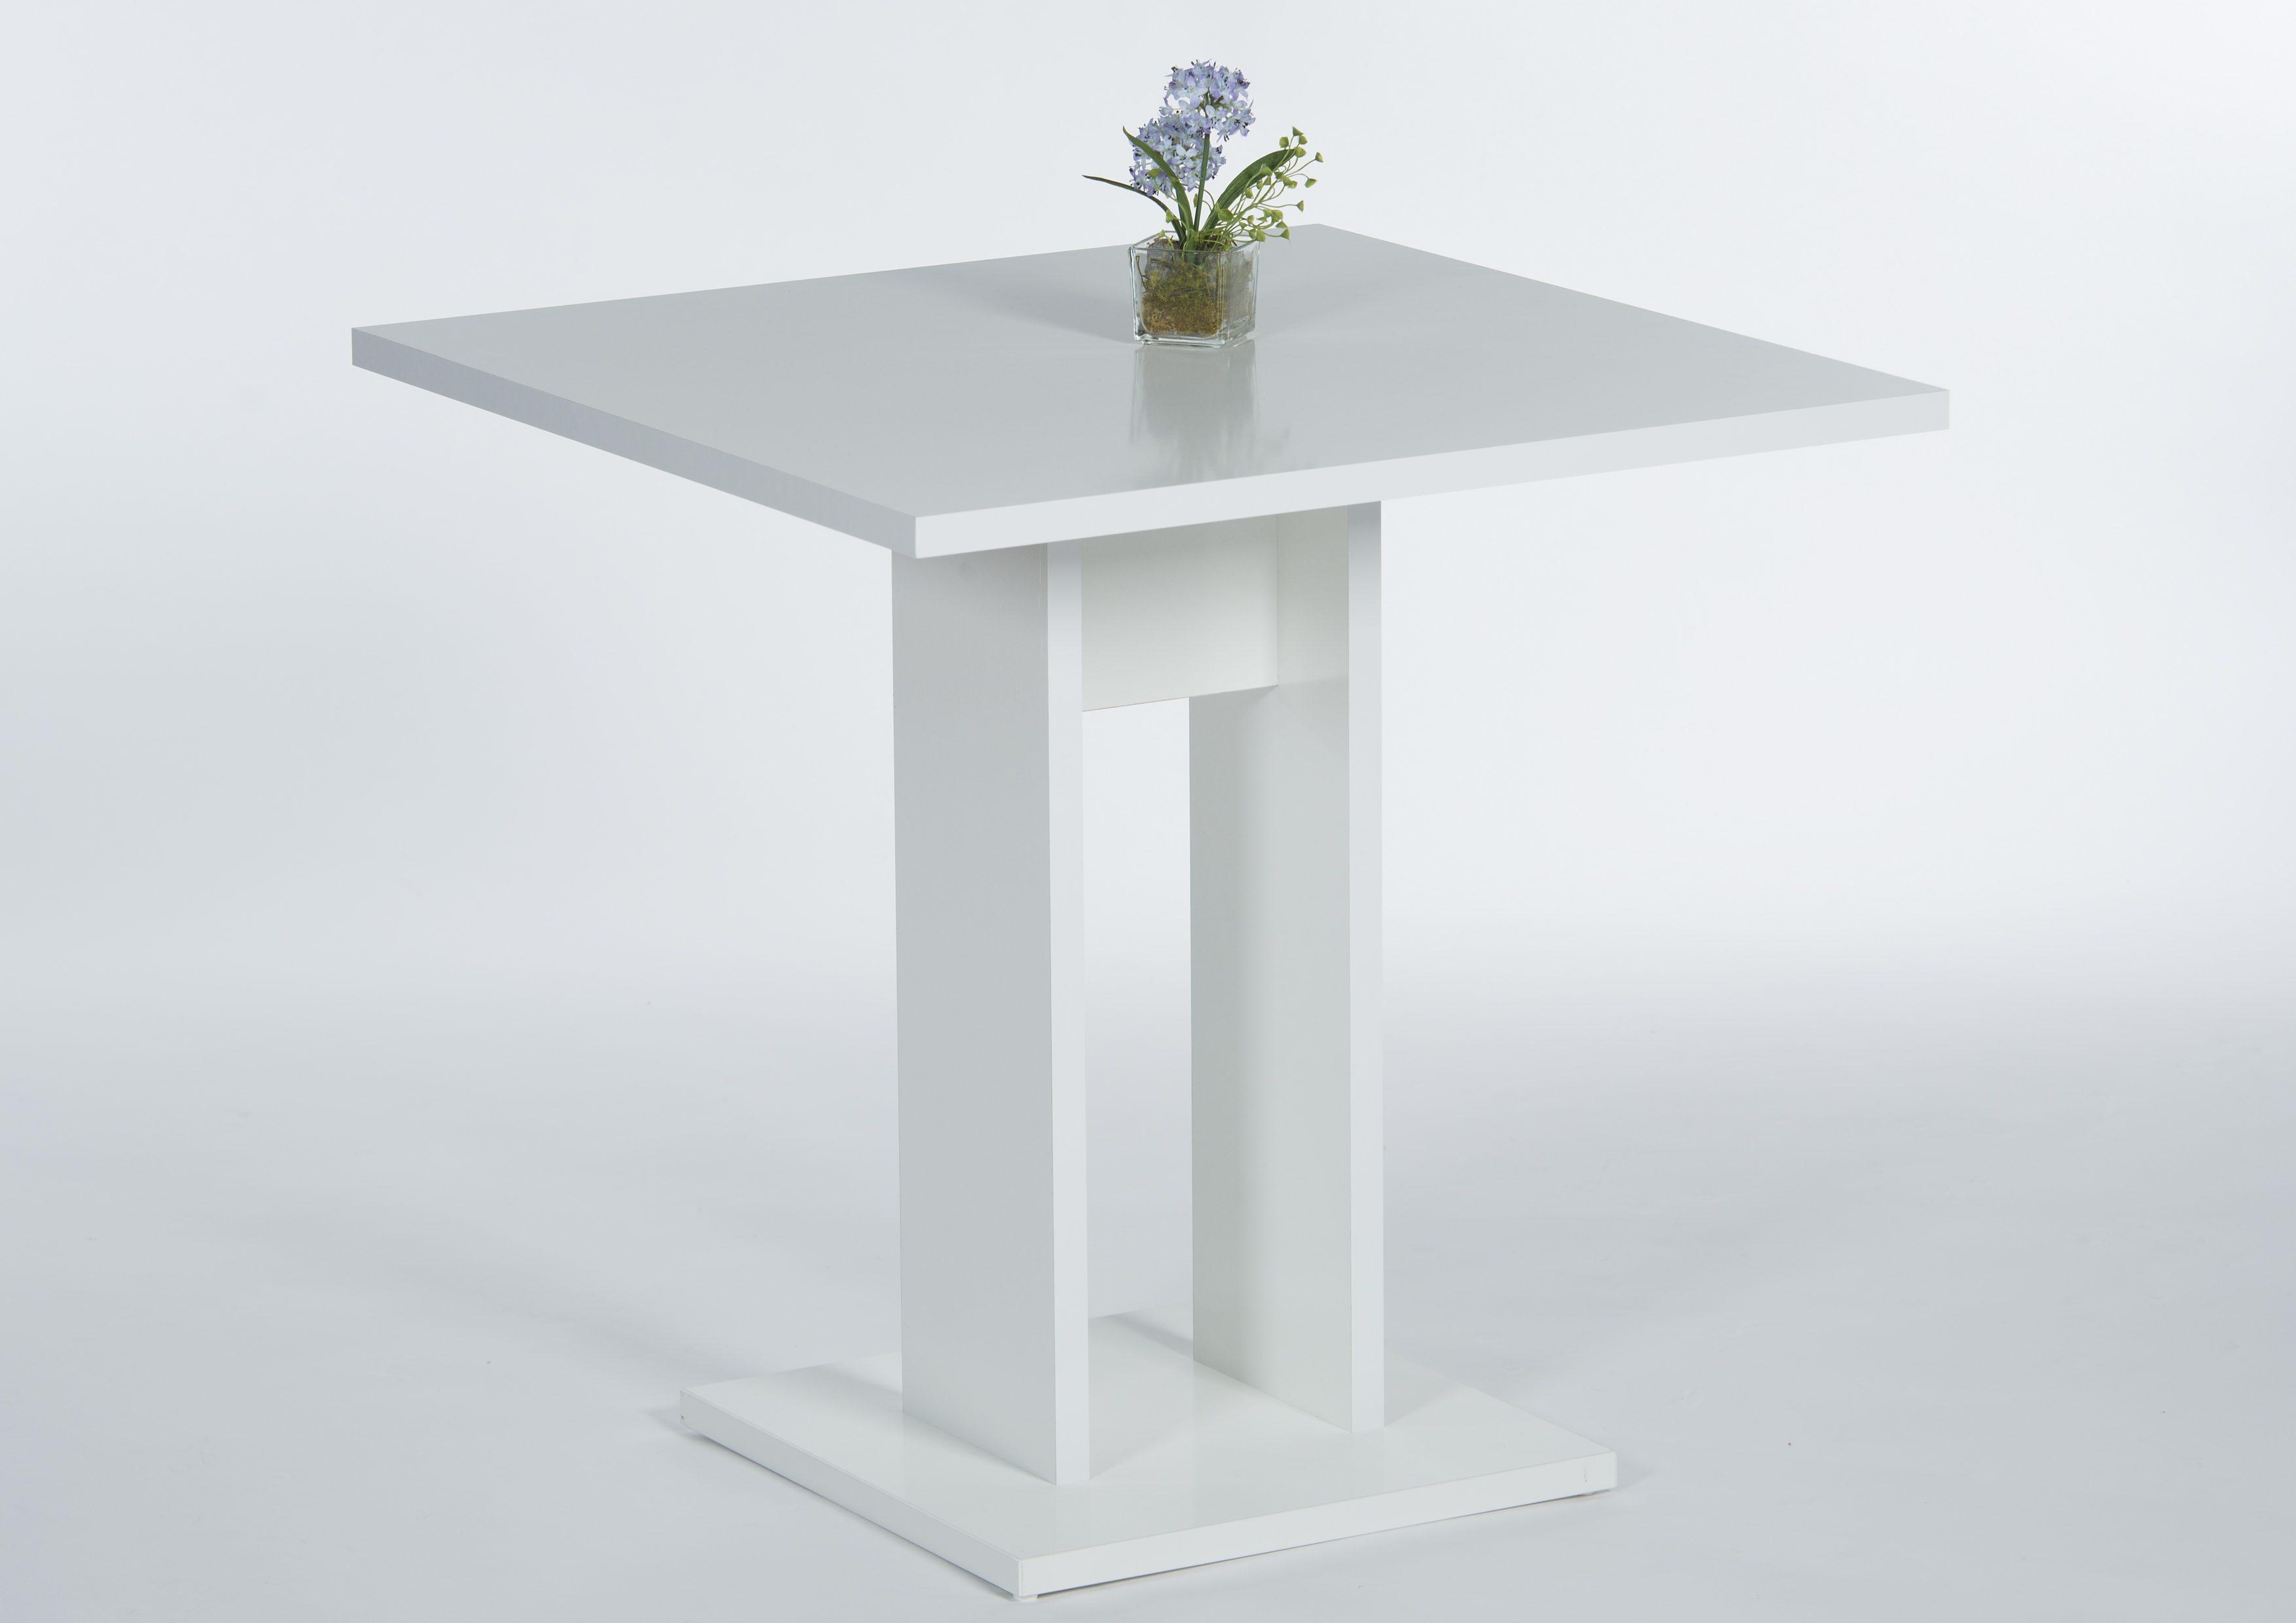 Säulen-Esstisch, Breite 75 cm